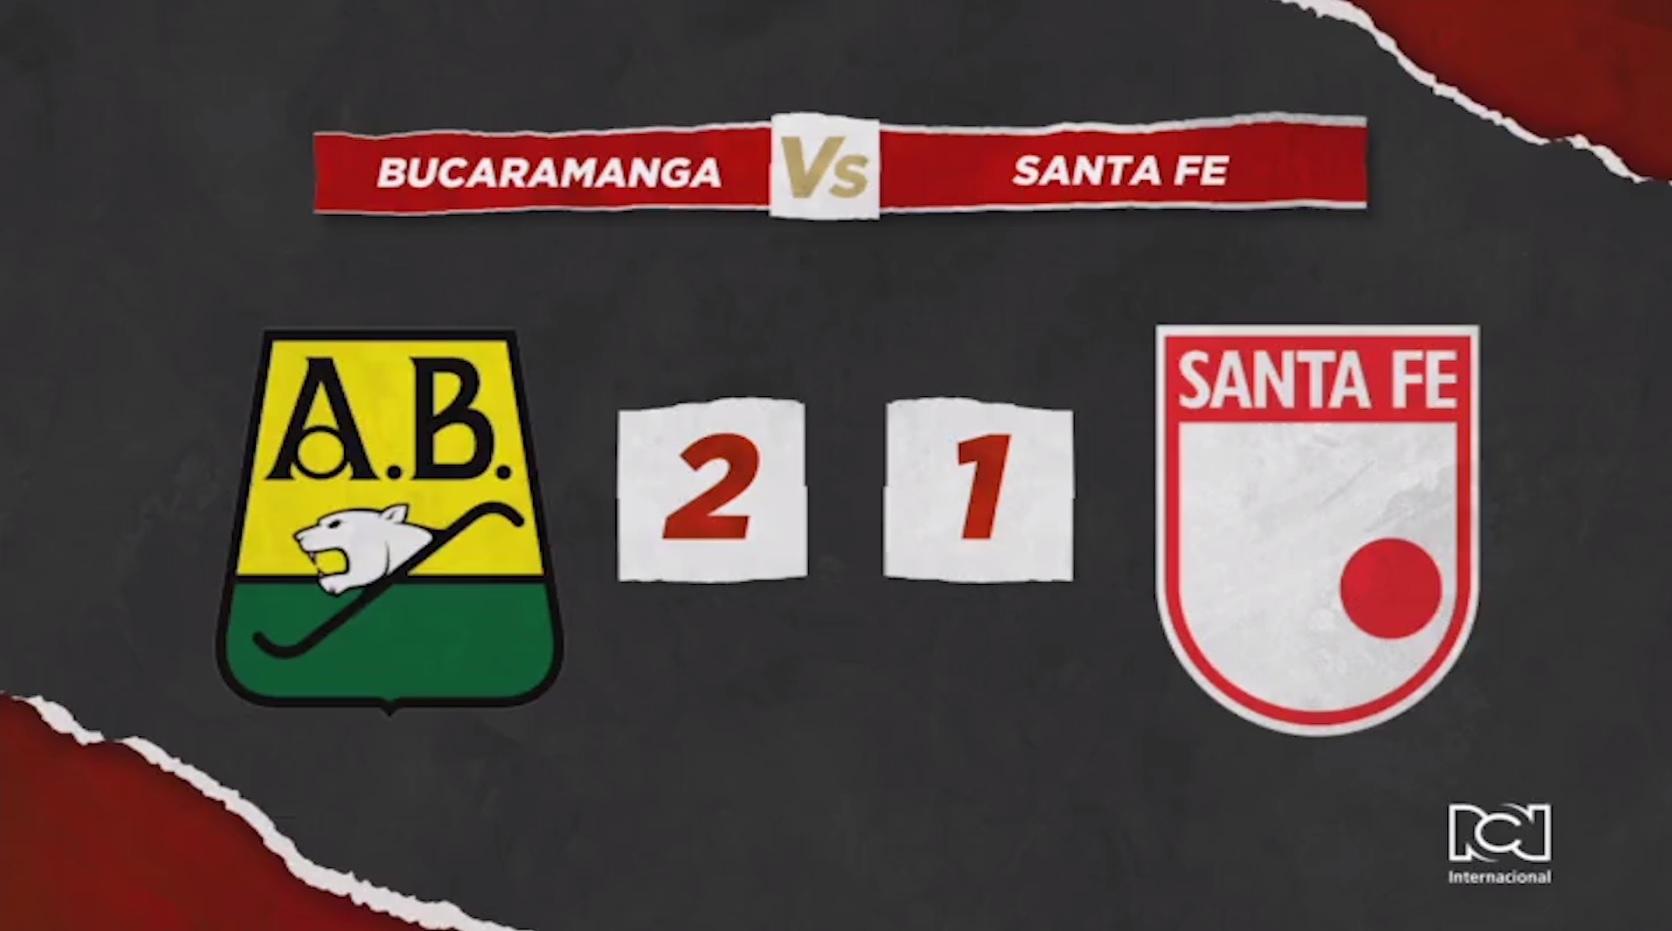 bucaramanga-vs-santa-fe.jpg